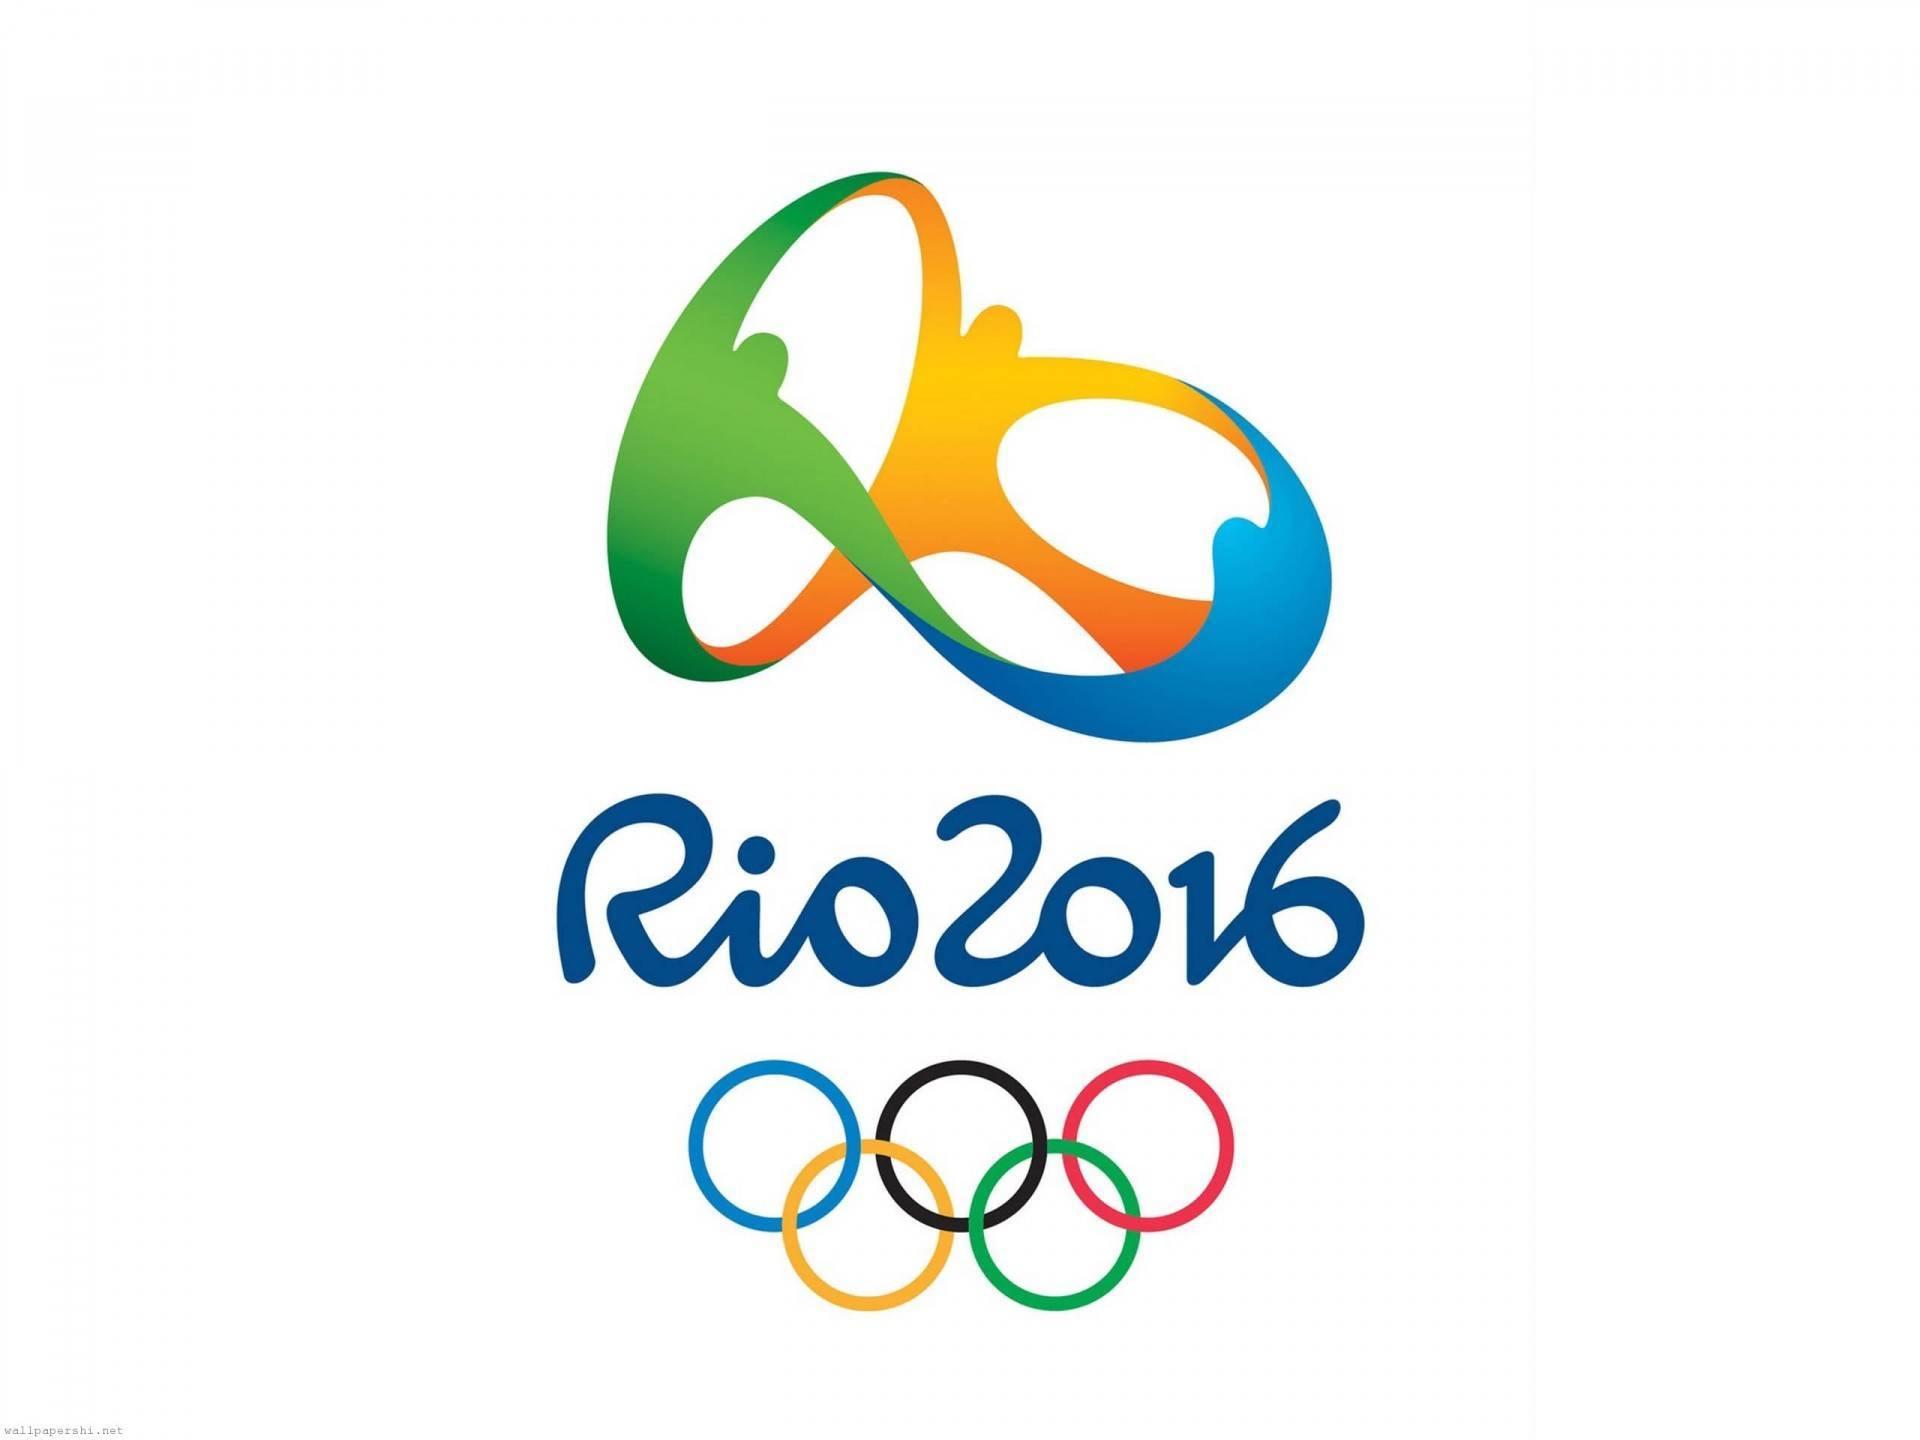 Олимпиада 2016. Плавание и велоспорт День 1. (07.08.2016)